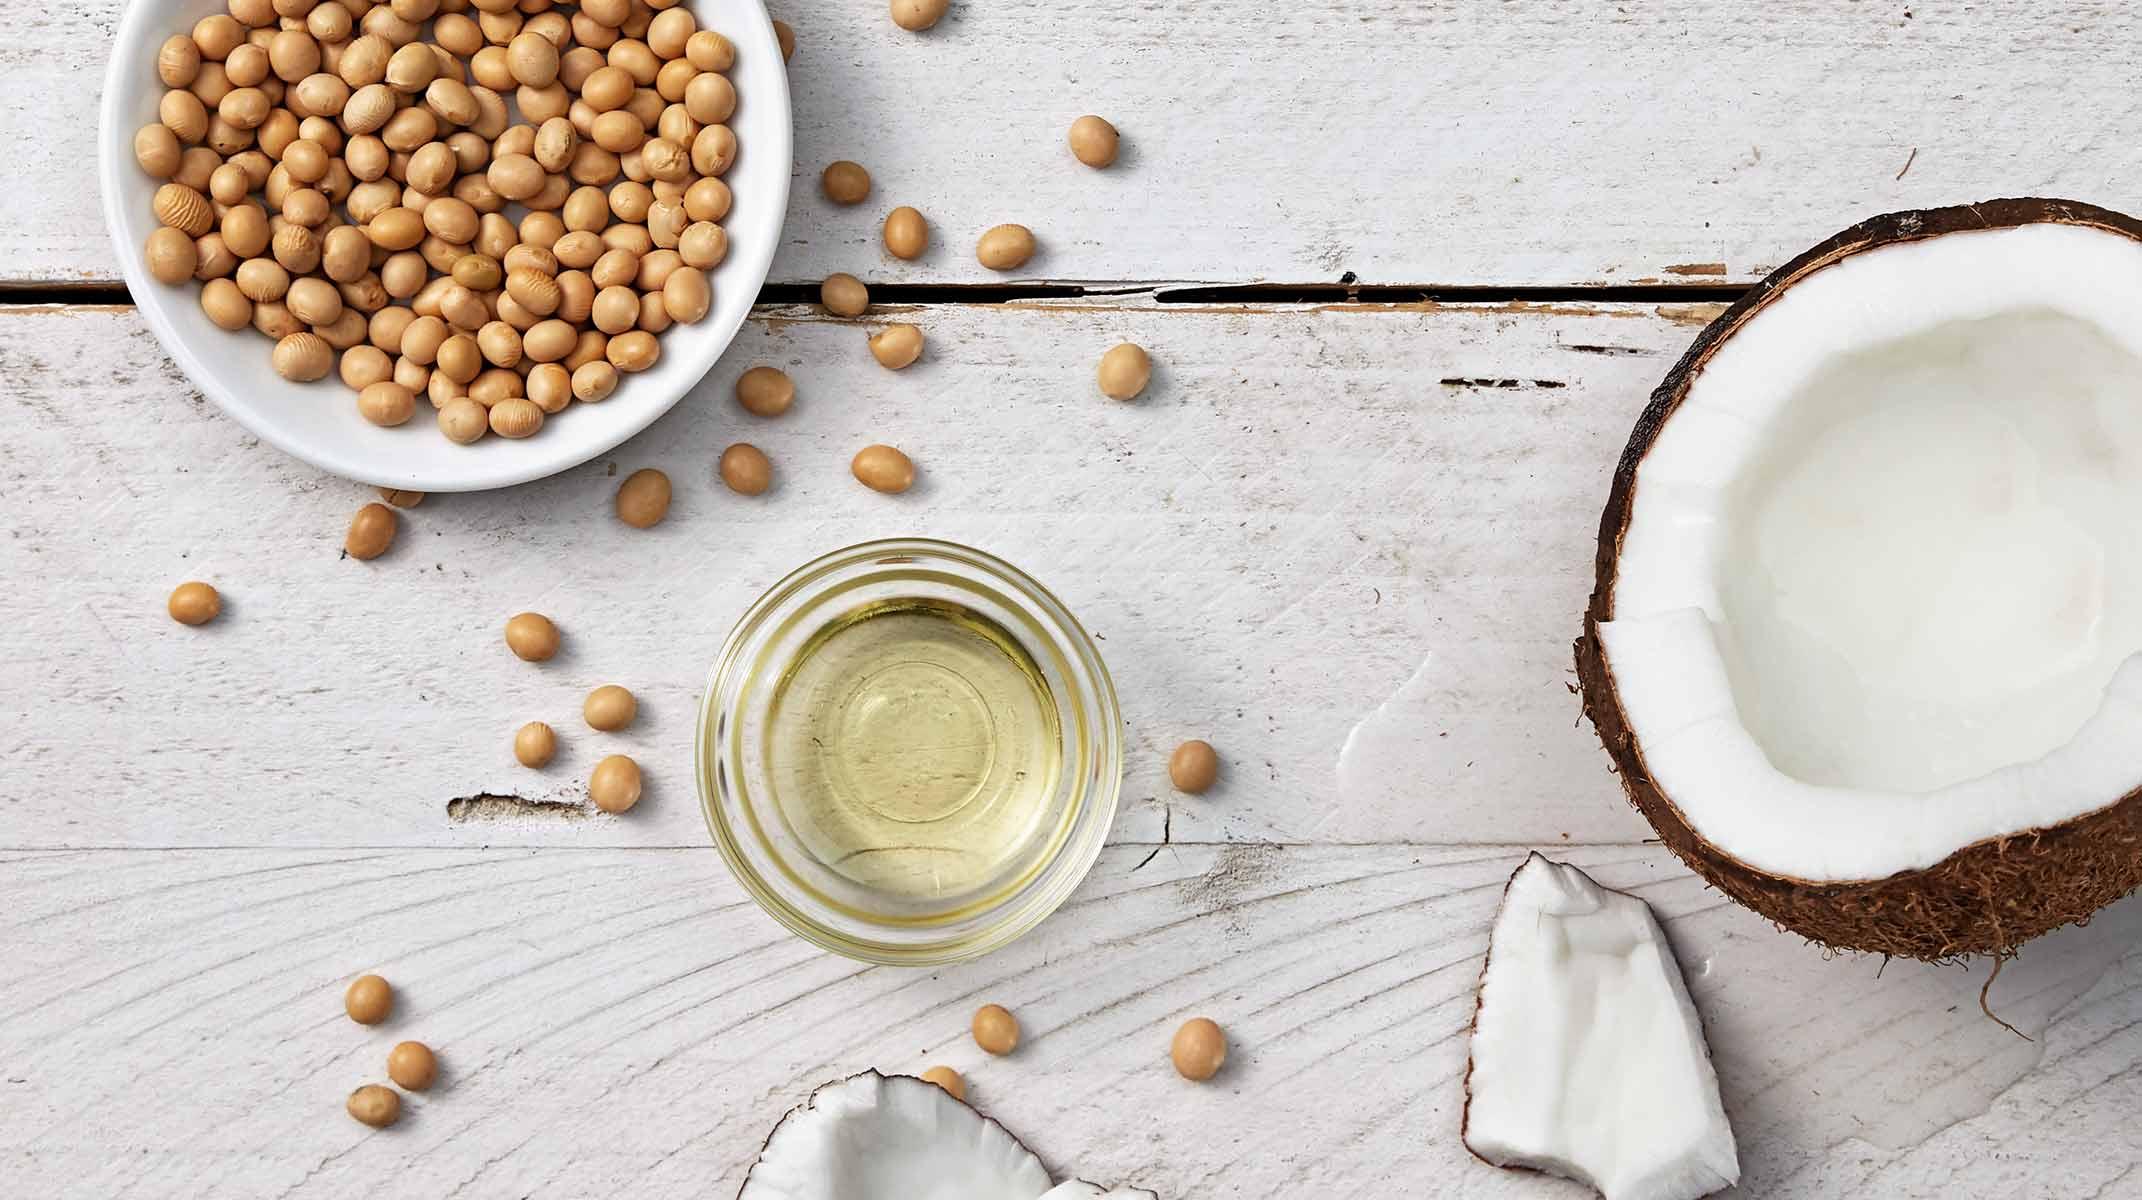 ingredientes naturales en probeta y mortero